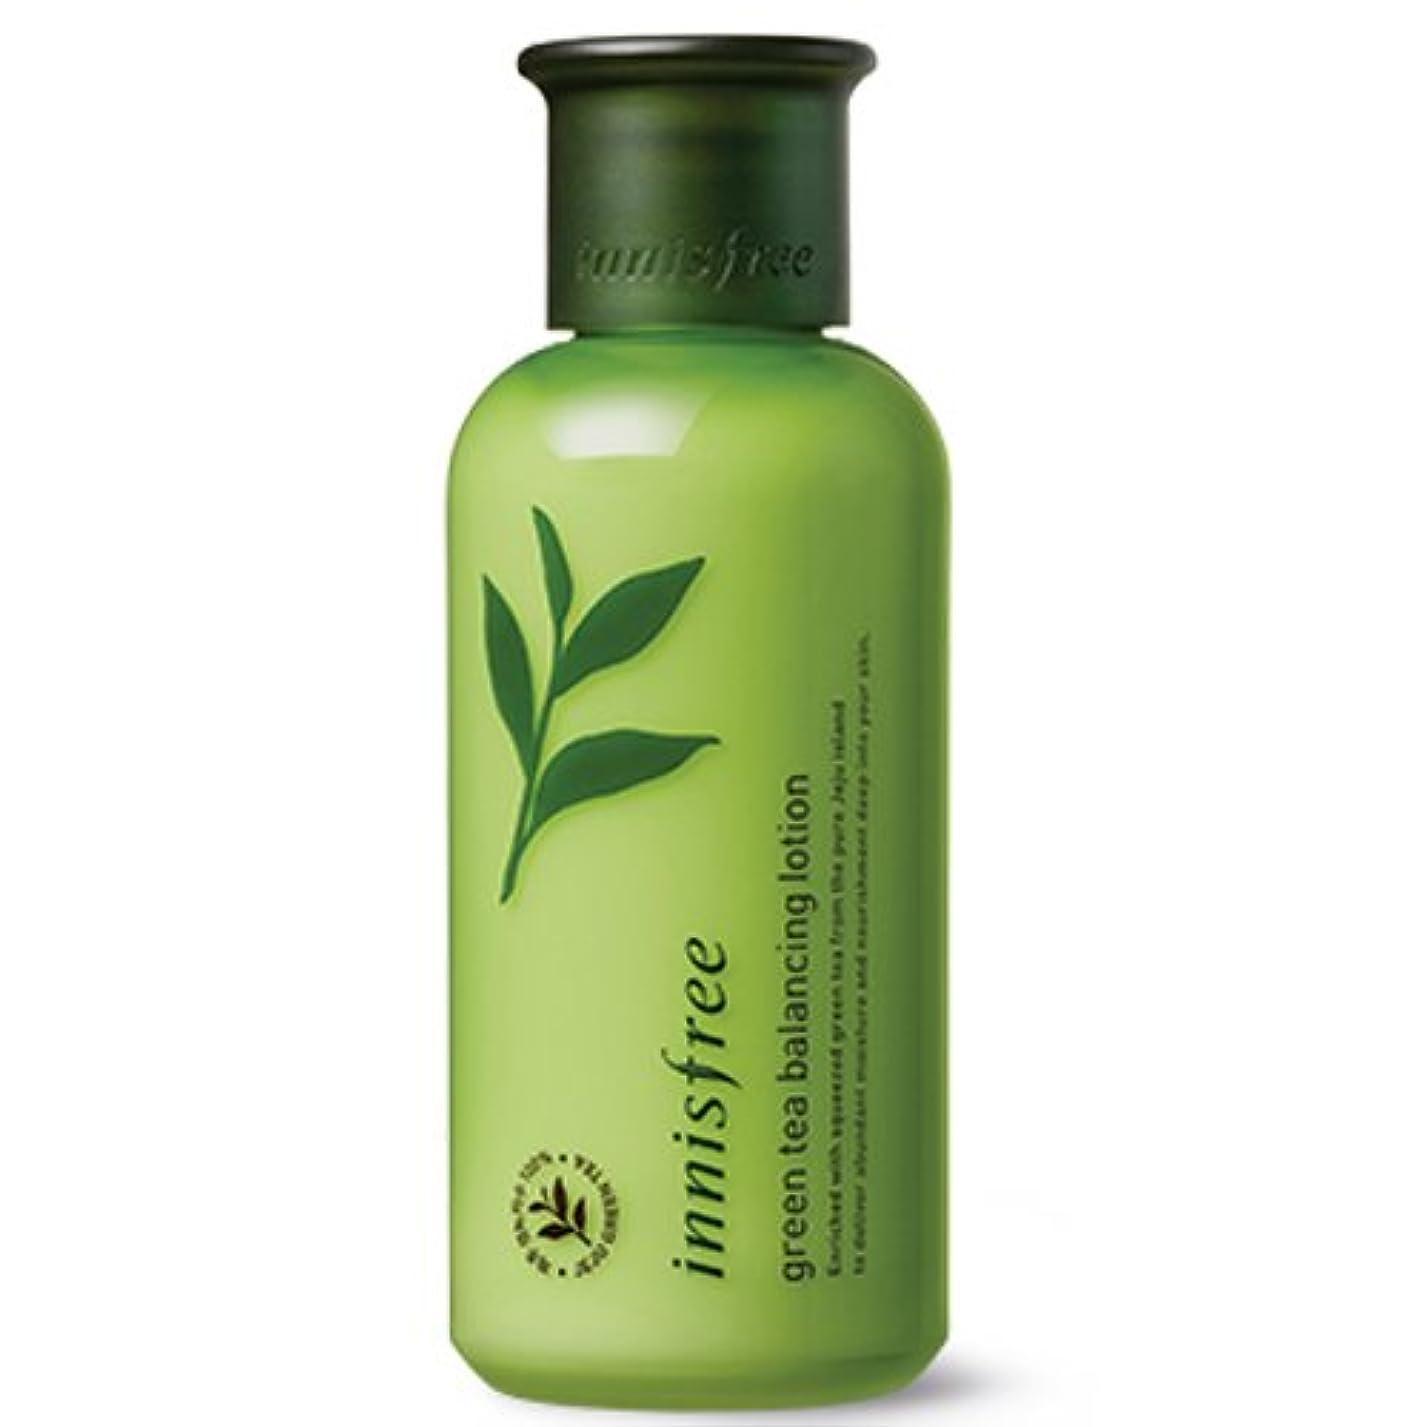 証明食べる予見する[INNISFREE]イニスフリーグリーンティーバランシング ローション160ml innisfree green tea balancing lotion 160ml